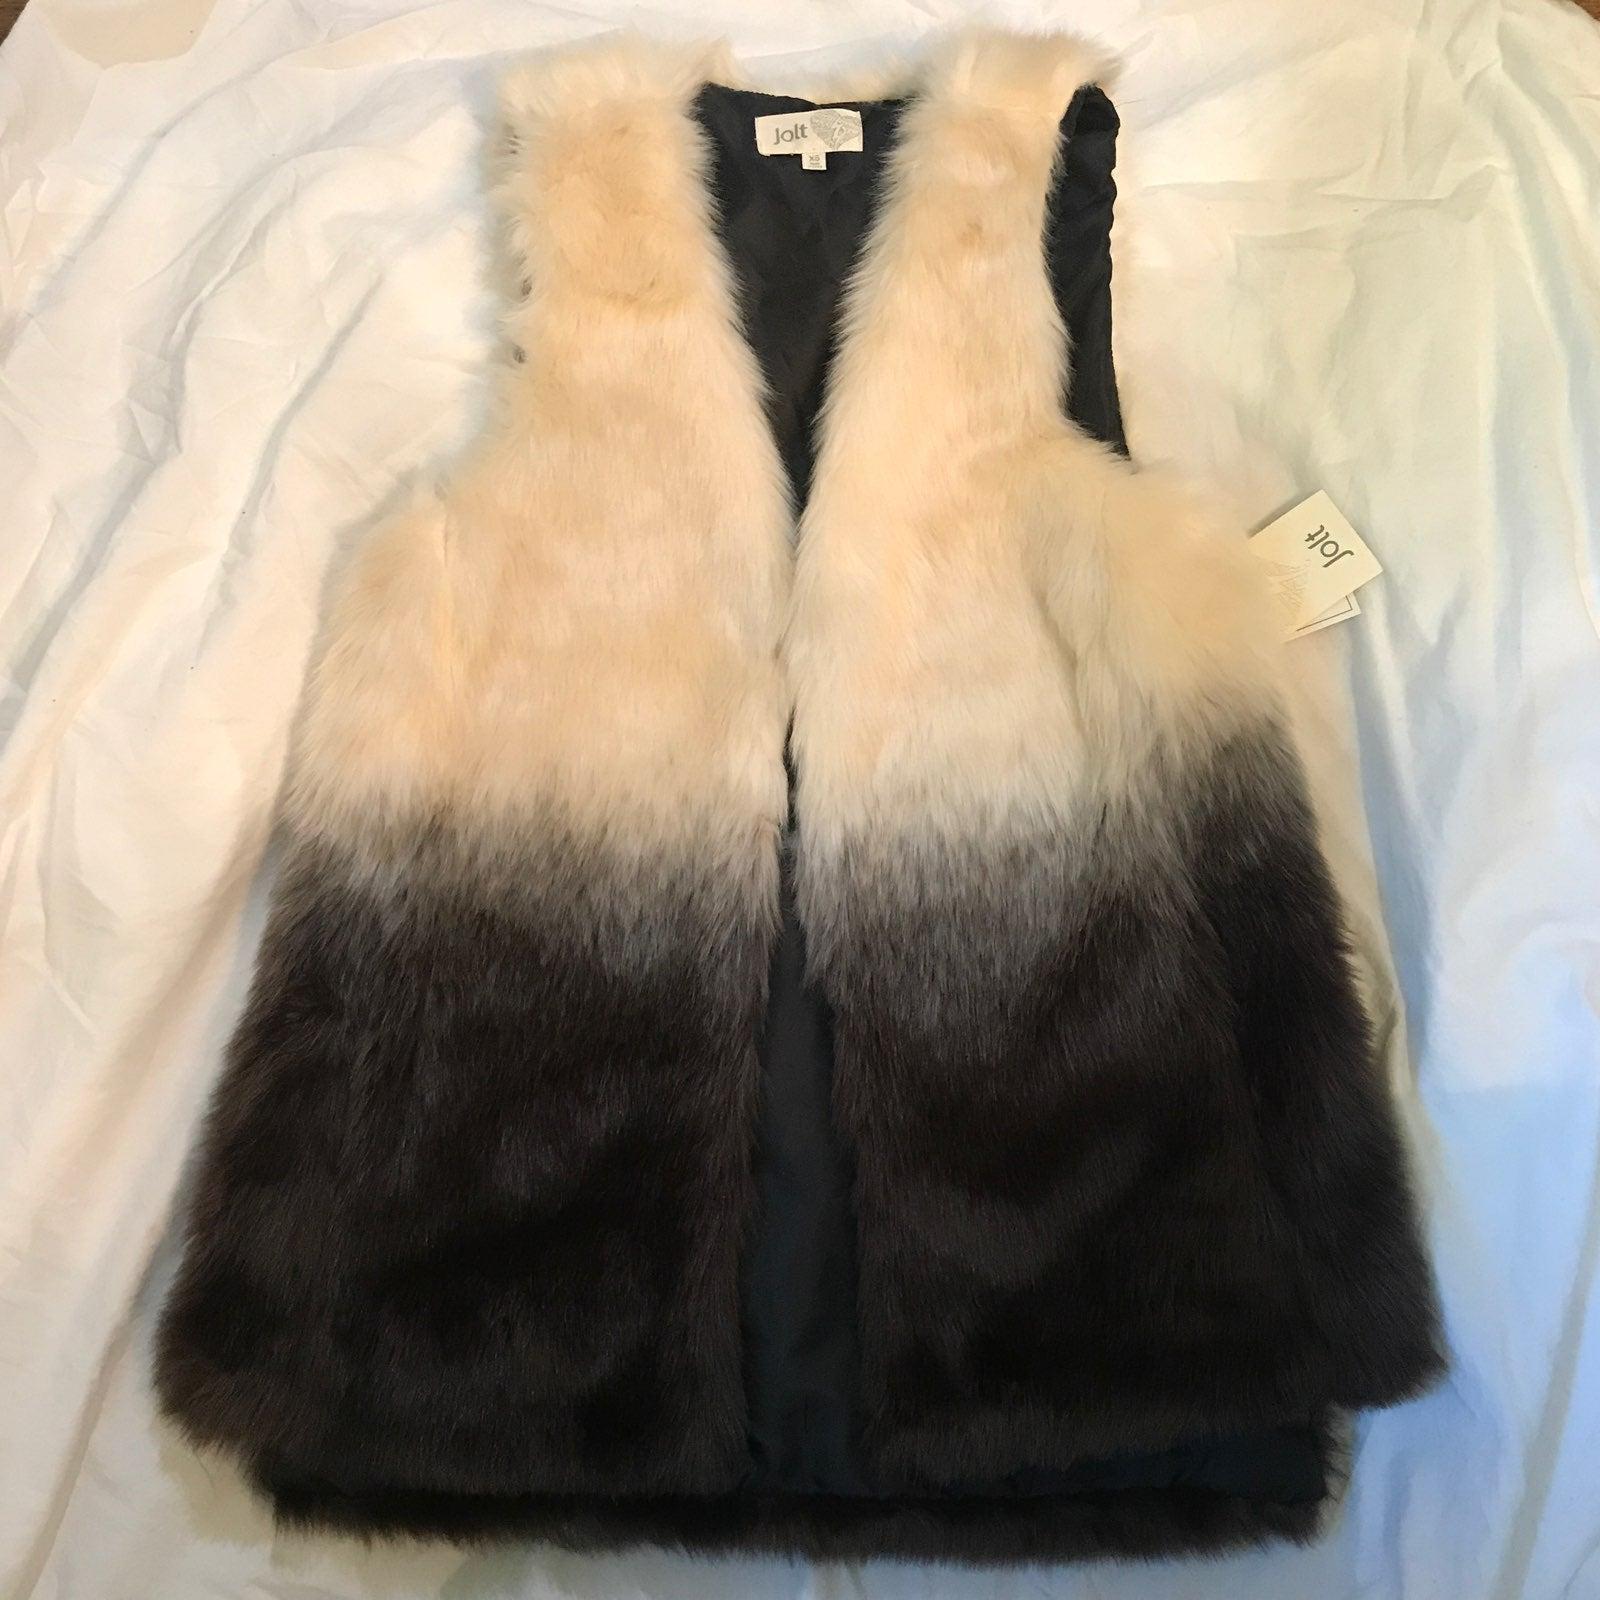 NWT Jolt two tone ombre faux fur vest XS